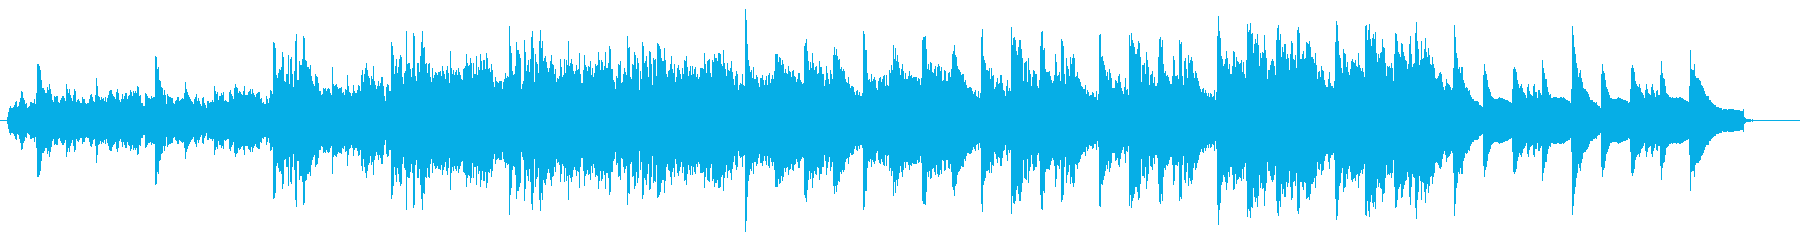 スローテンポの神秘的で優しい楽曲の再生済みの波形